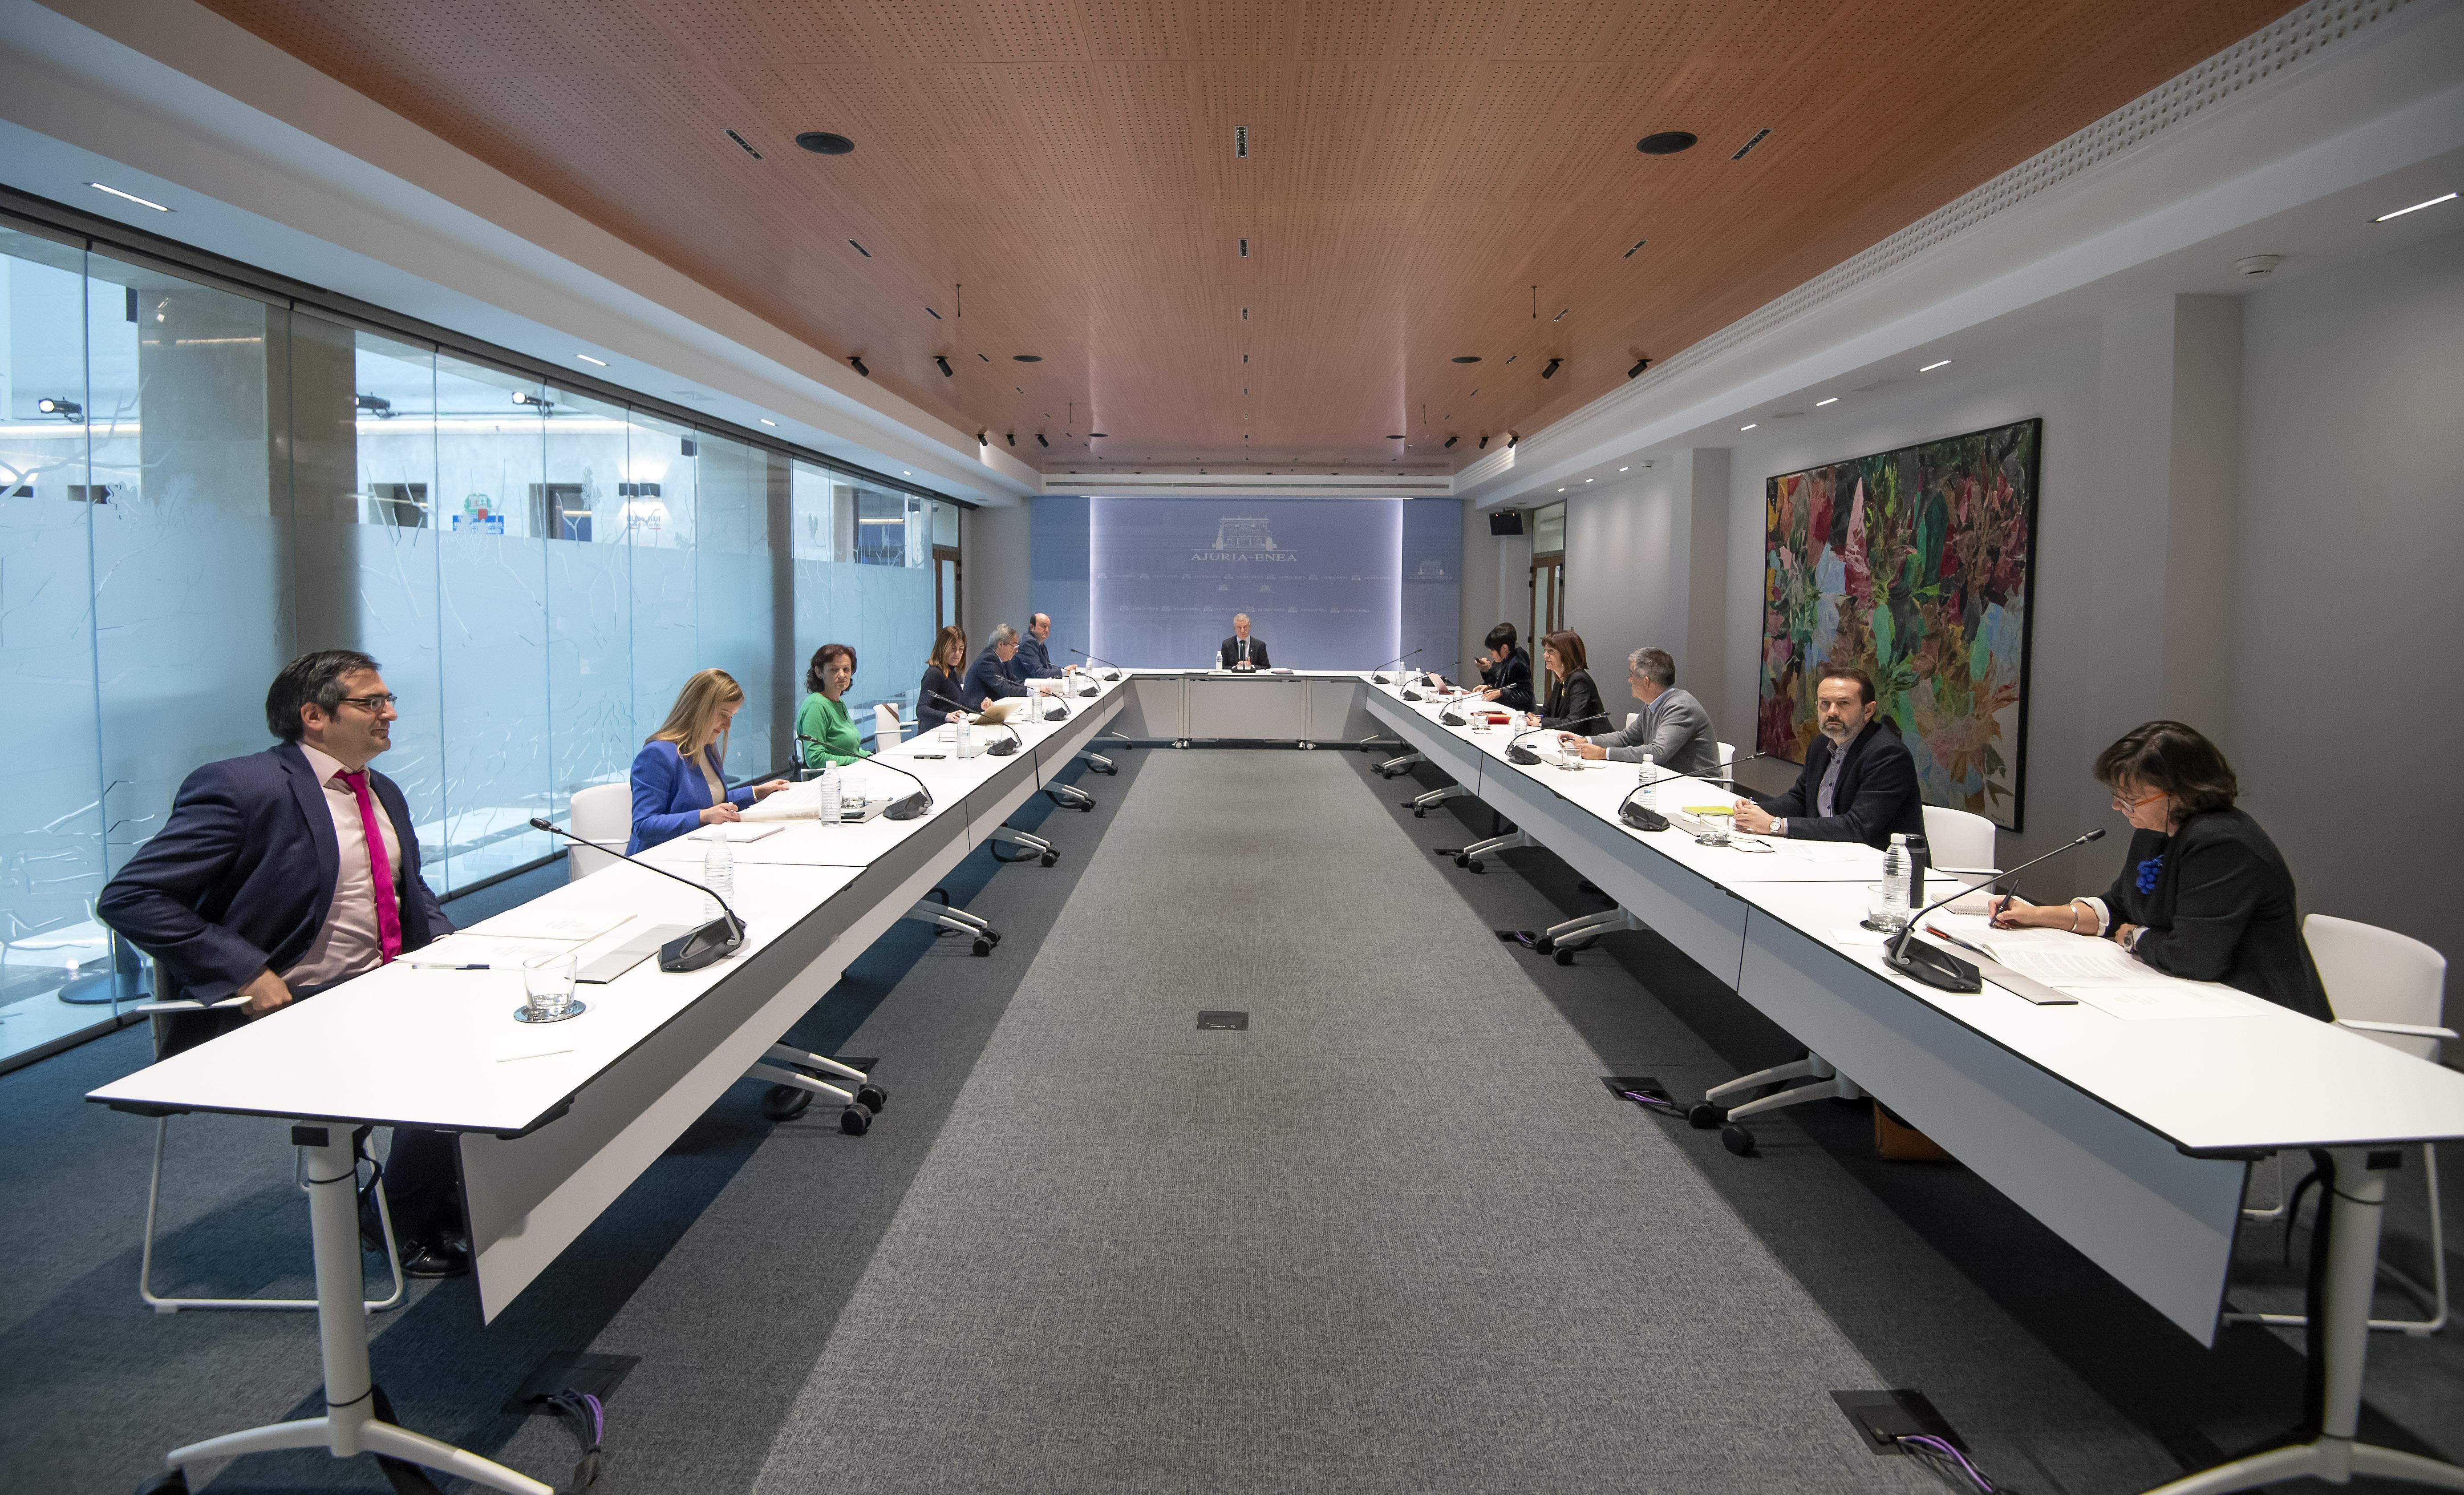 Nota conjunta tras la reunión del Lehendakari con los partidos políticos vascos para consensuar la no celebración de las elecciones autonómicas vascas el 05 de abril de 2020